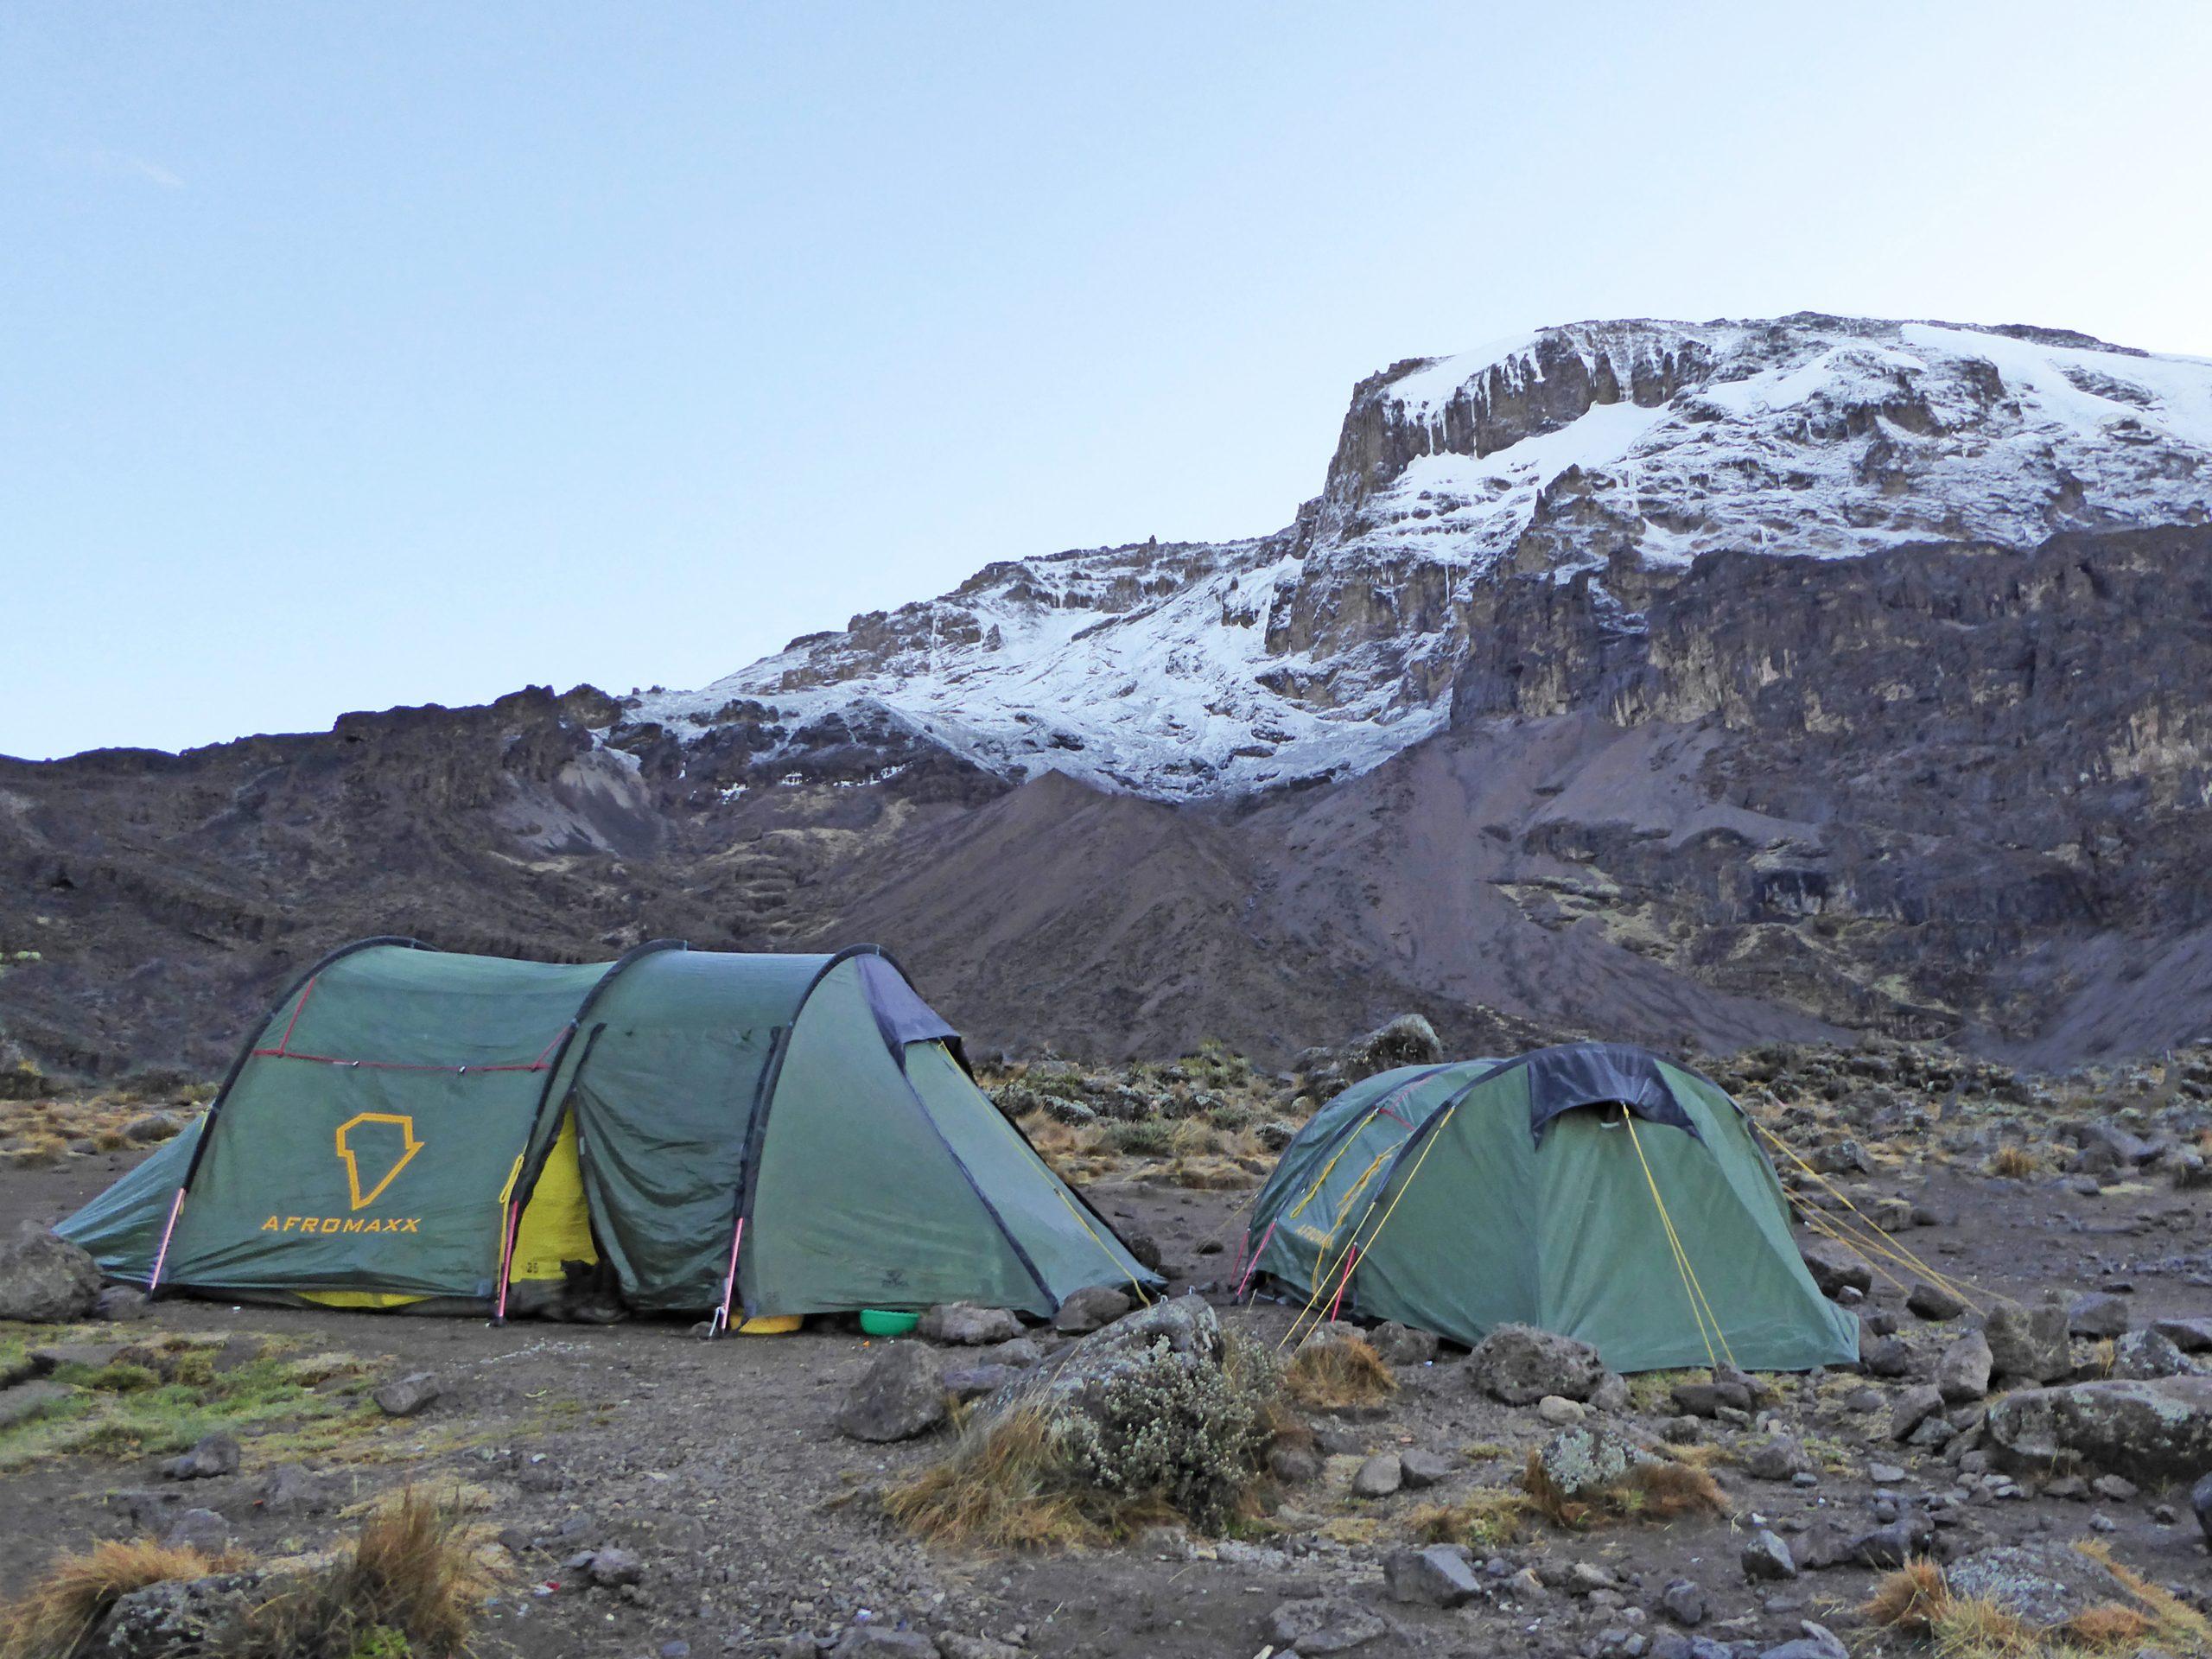 Radreise Afrika 2014 - Kilimanjaro - Barranco-Camp